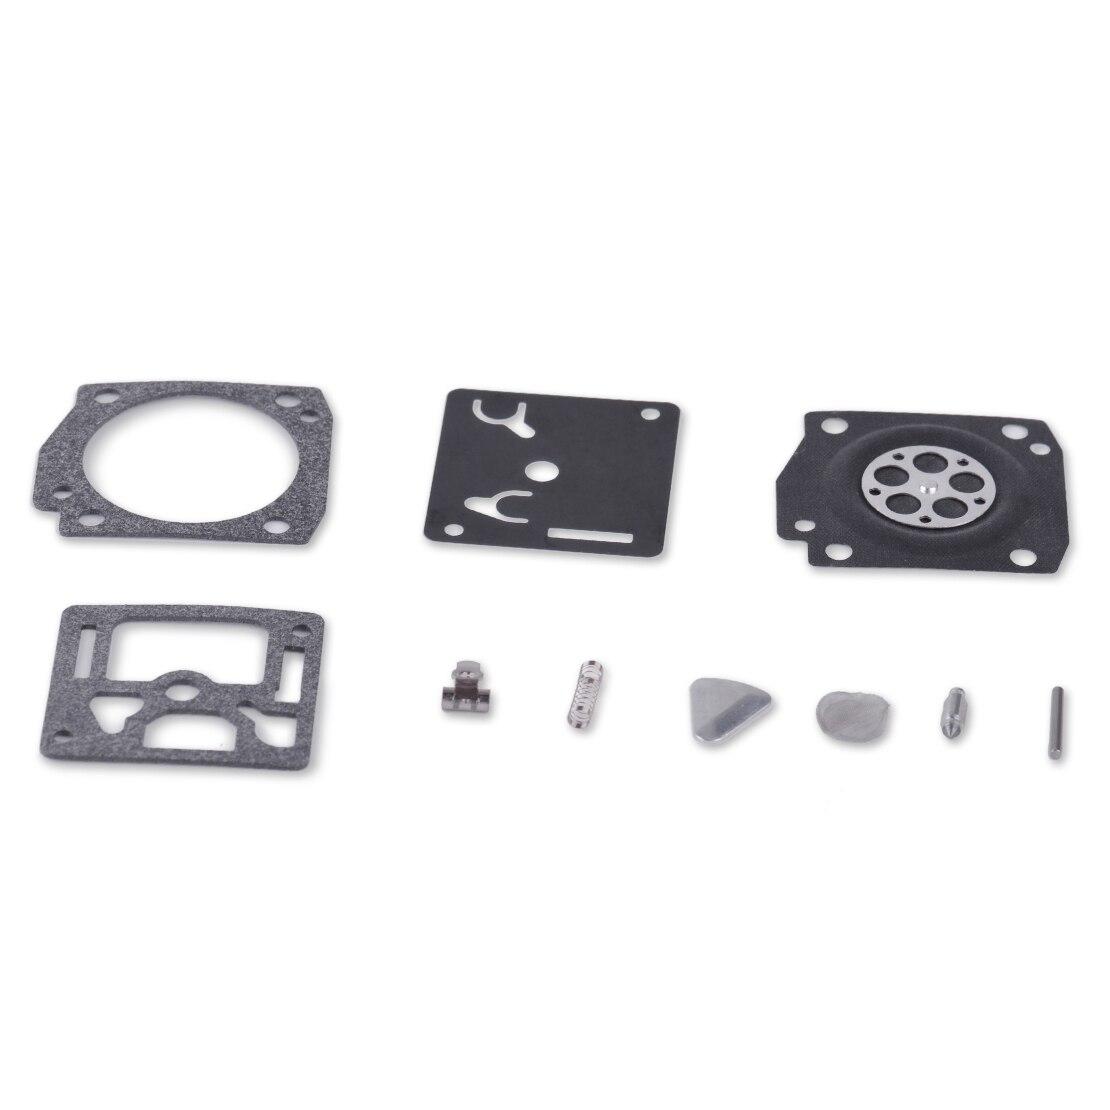 LETAOSK New Carburetor Carb Rebuild Repair Kit Fit for Stihl 034 044 036 MS340 MS360 Chainsaw